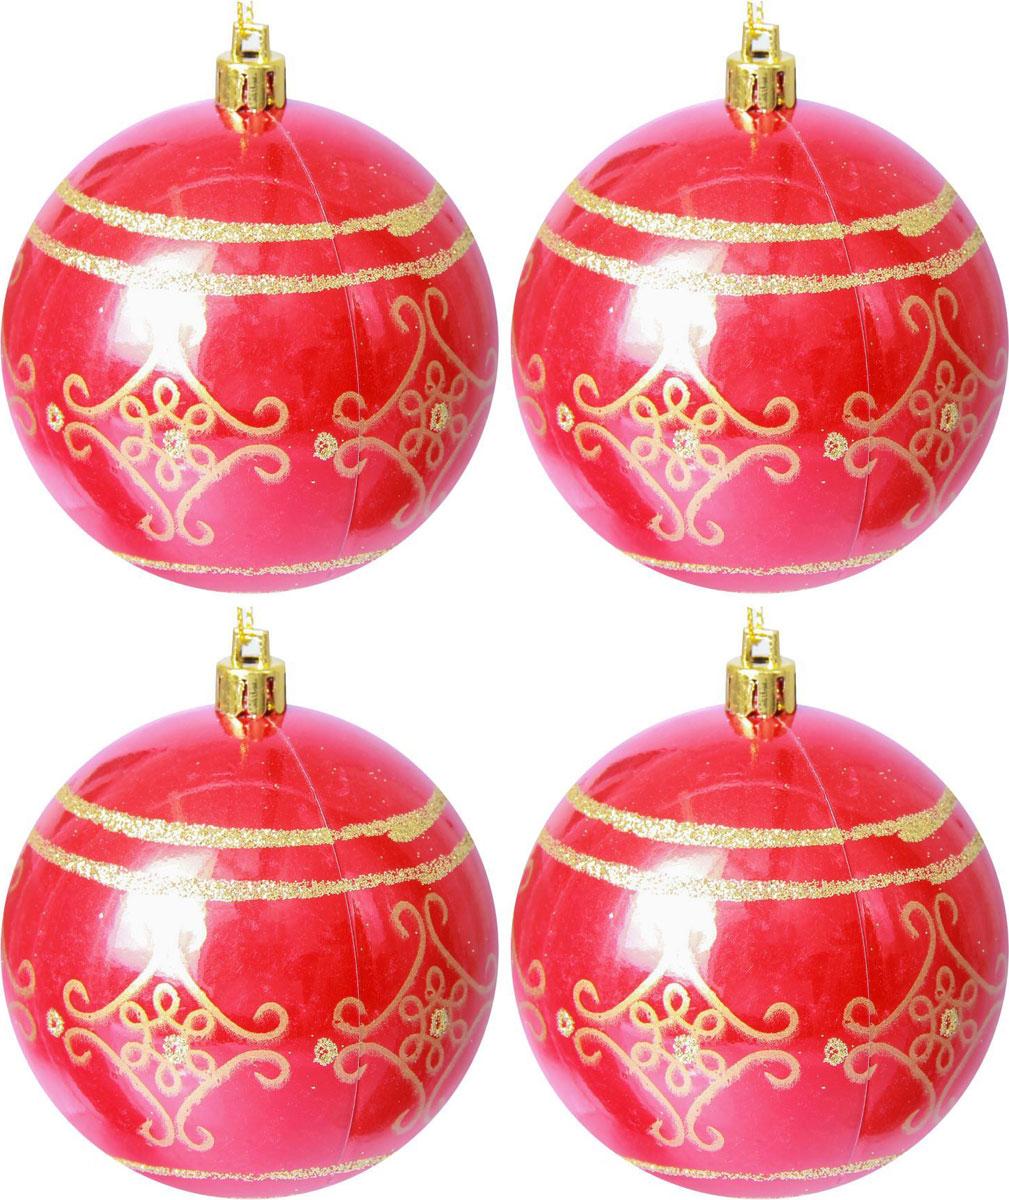 Набор новогодних подвесных украшений Sima-land Восточный узор, диаметр 8 см, 4 шт2137206Набор новогодних подвесных украшений Sima-land отлично подойдет для декорации вашего дома и новогодней ели. С помощью специальной петельки украшение можно повесить в любом понравившемся вам месте. Но, конечно, удачнее всего оно будет смотреться на праздничной елке. Елочная игрушка - символ Нового года. Она несет в себе волшебство и красоту праздника. Создайте в своем доме атмосферу веселья и радости, украшая новогоднюю елку нарядными игрушками, которые будут из года в год накапливать теплоту воспоминаний.